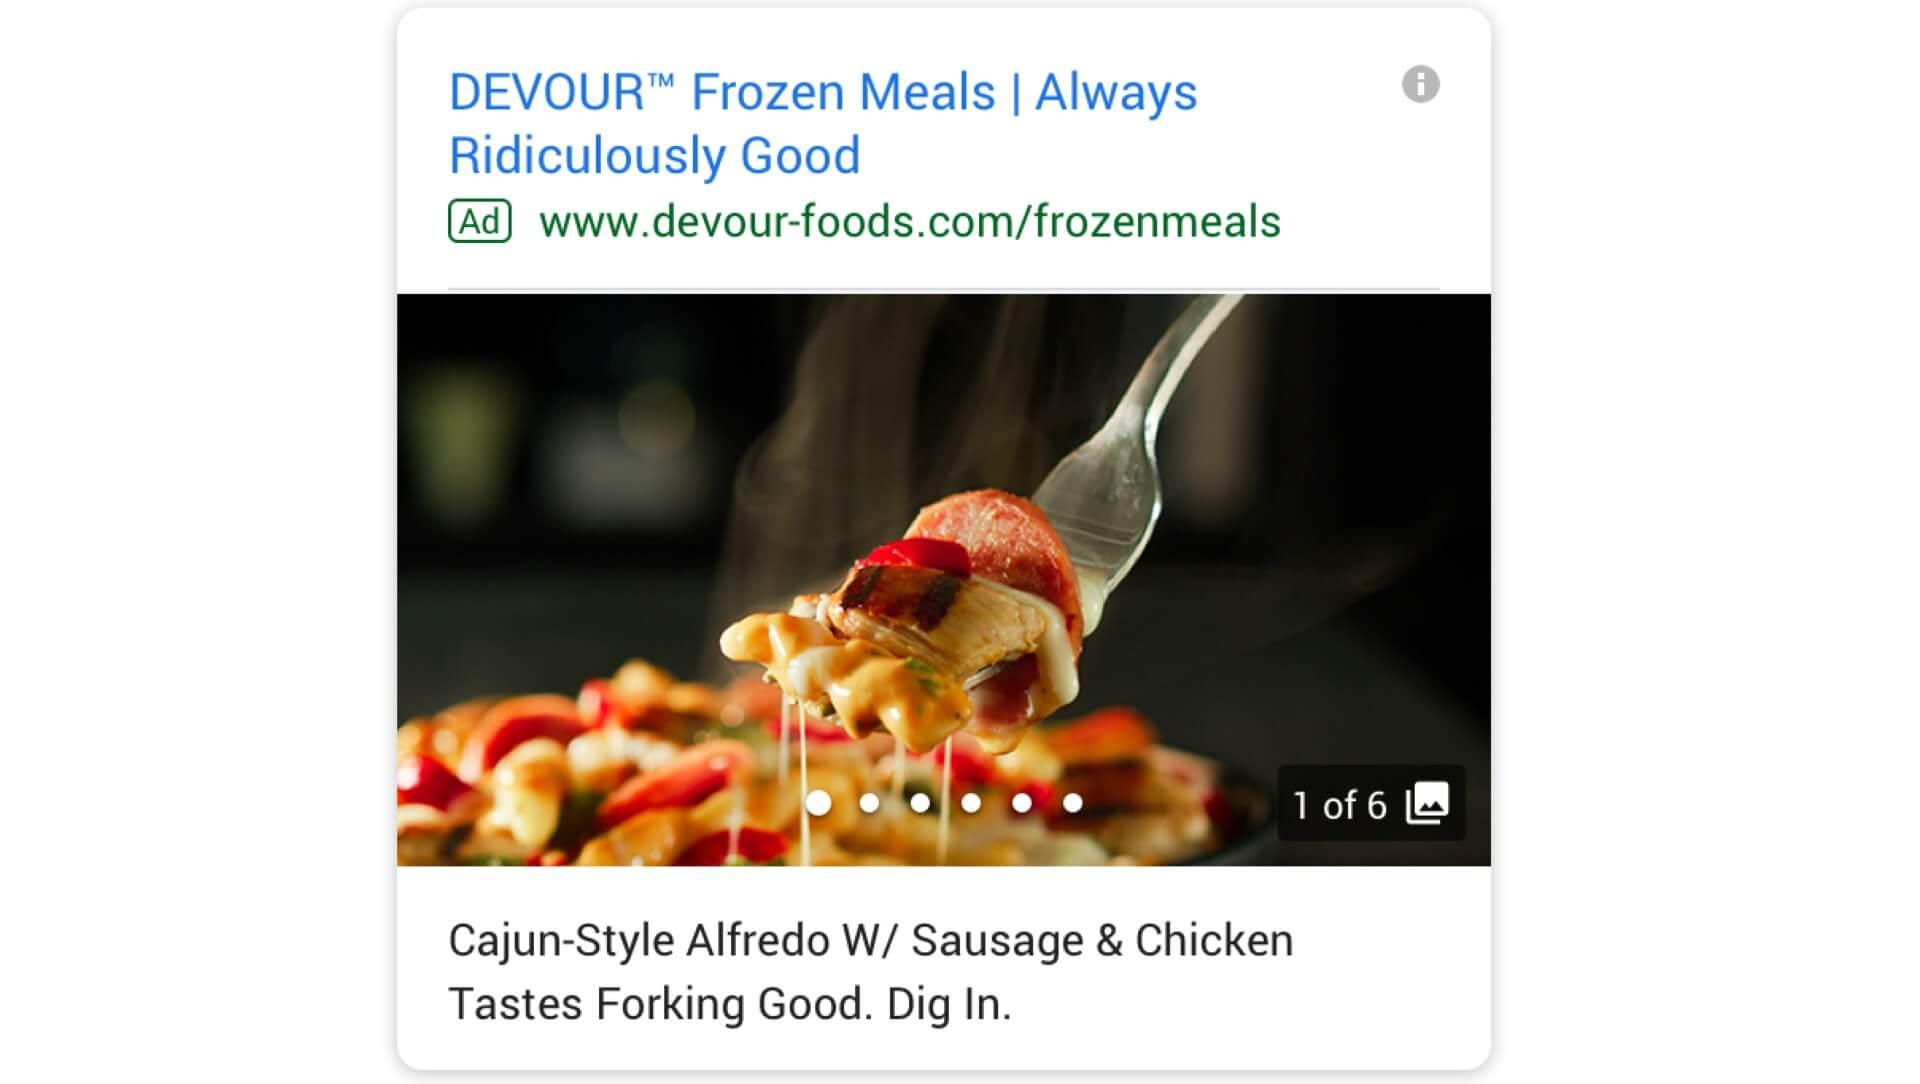 Llegan los anuncios de la galería gigante de Google para la búsqueda: qué son y cómo pagará por ellos